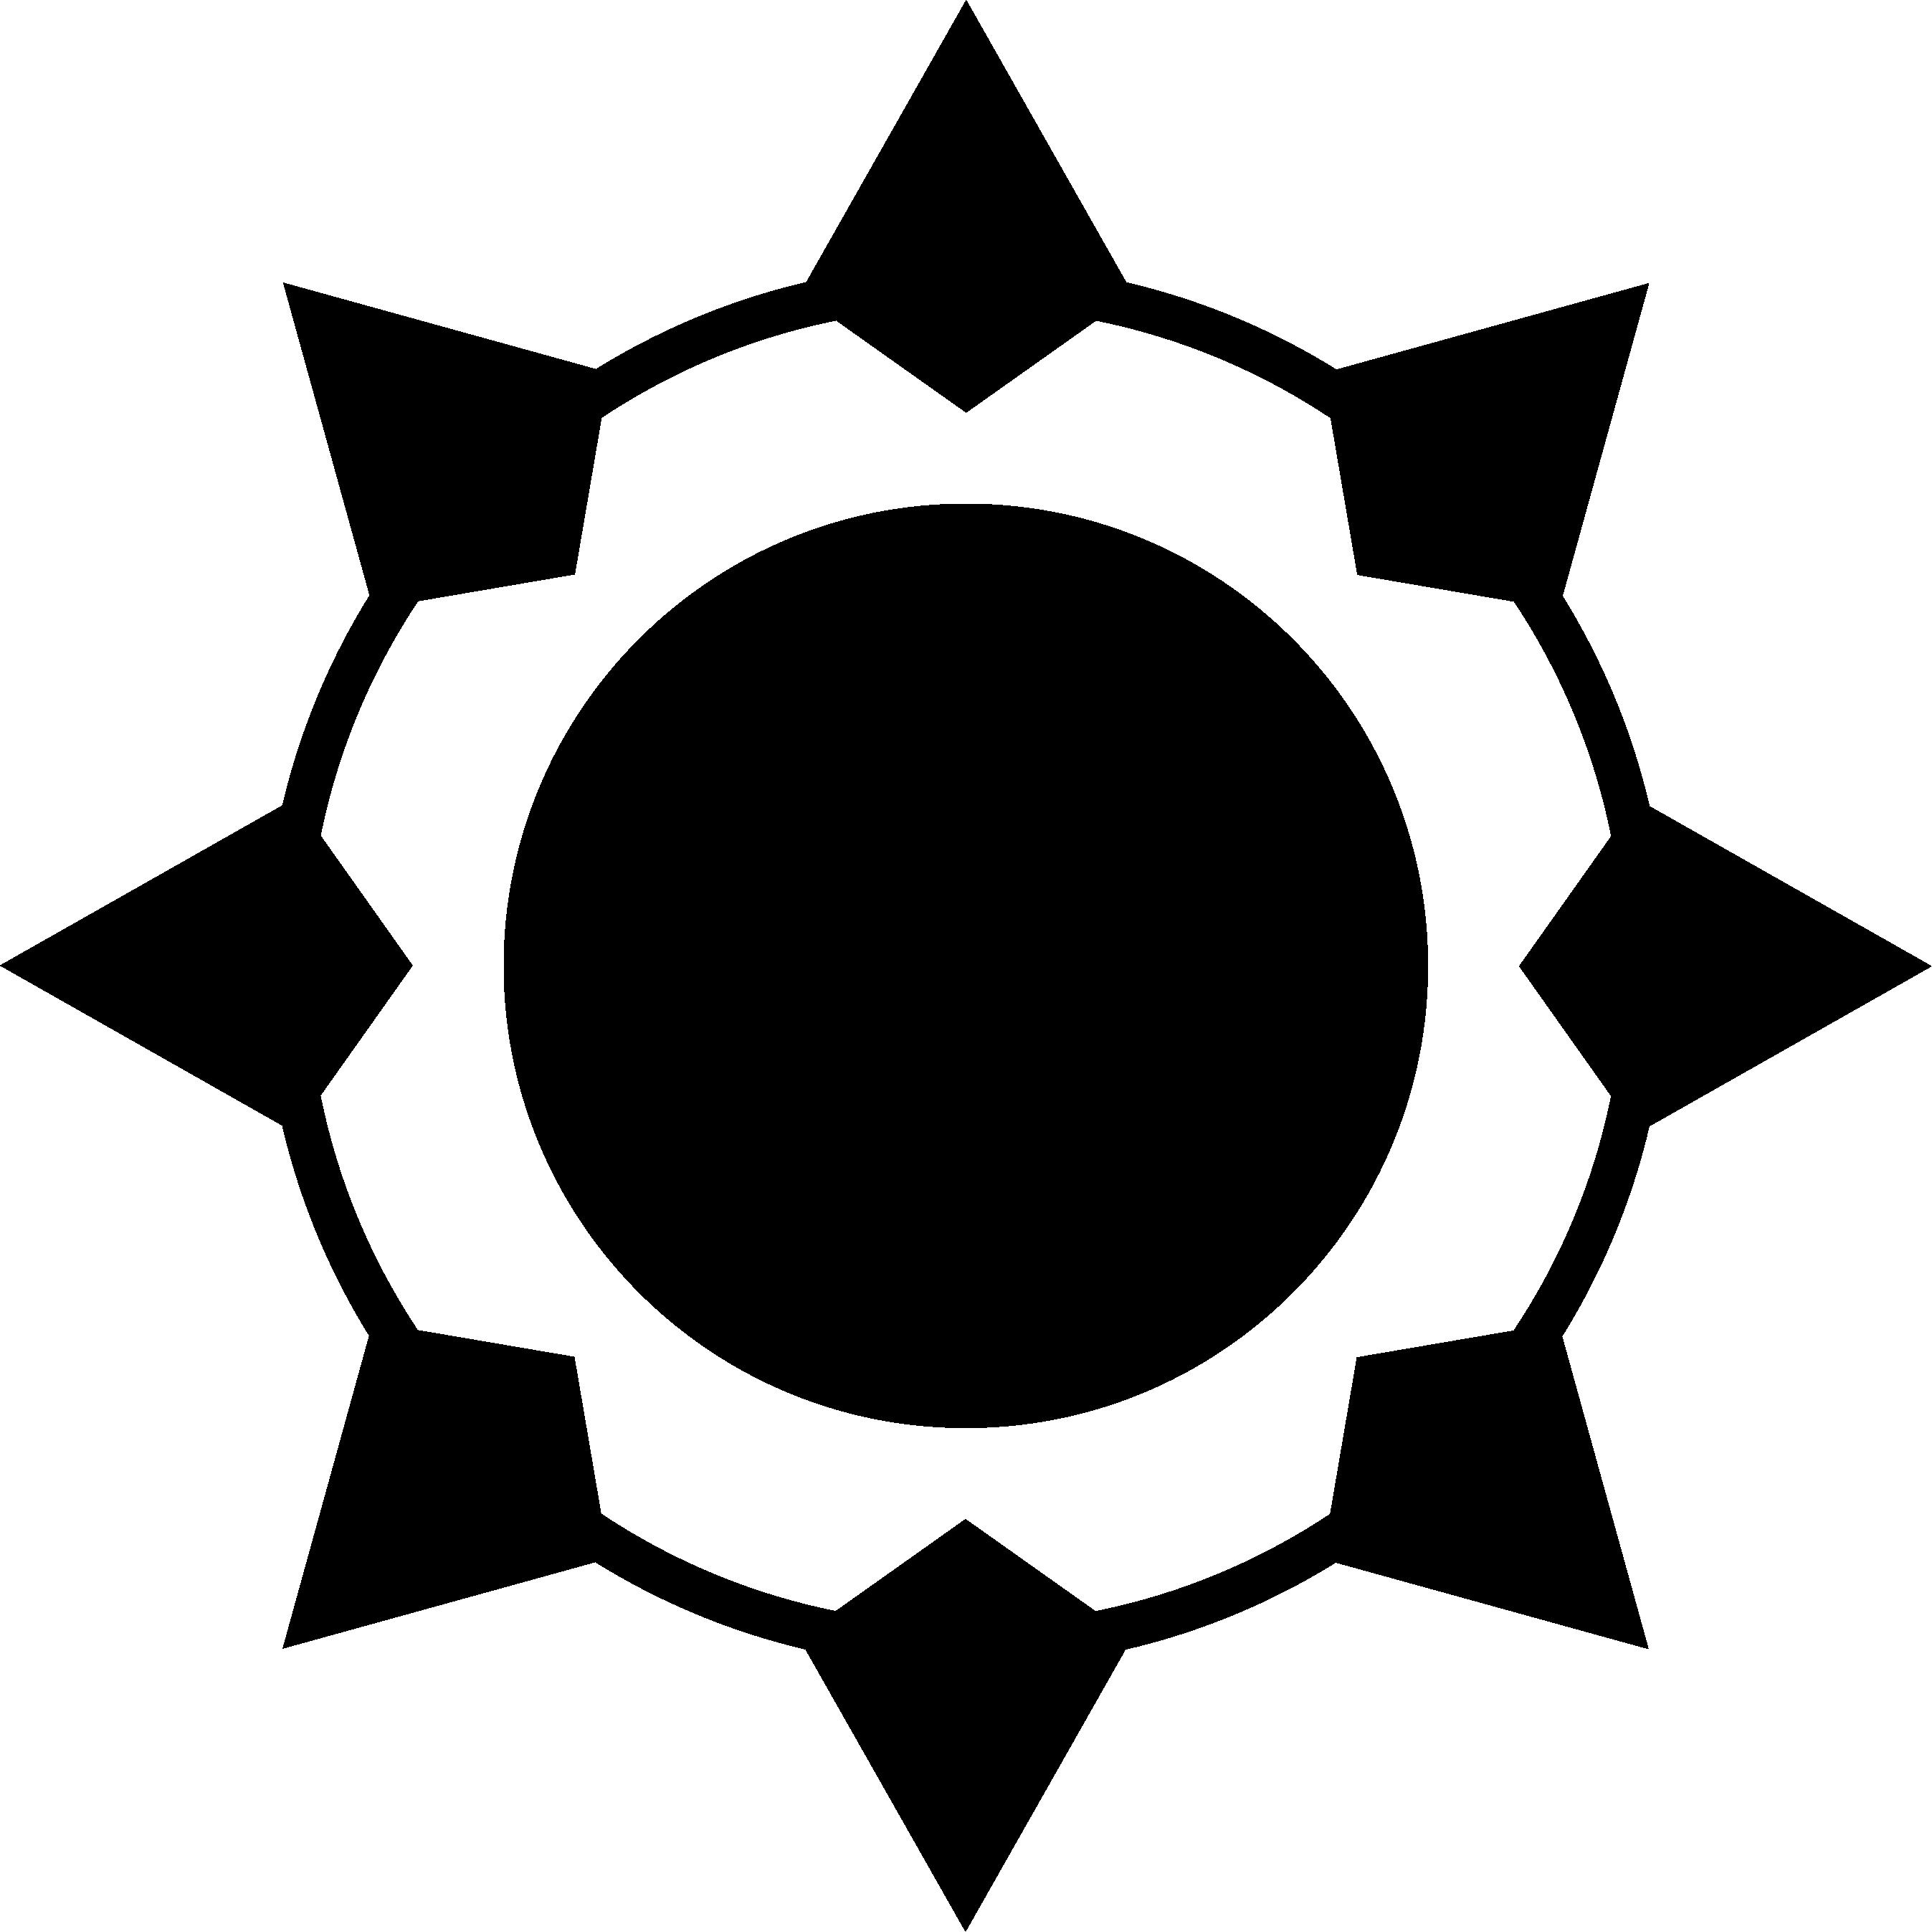 Exile icon